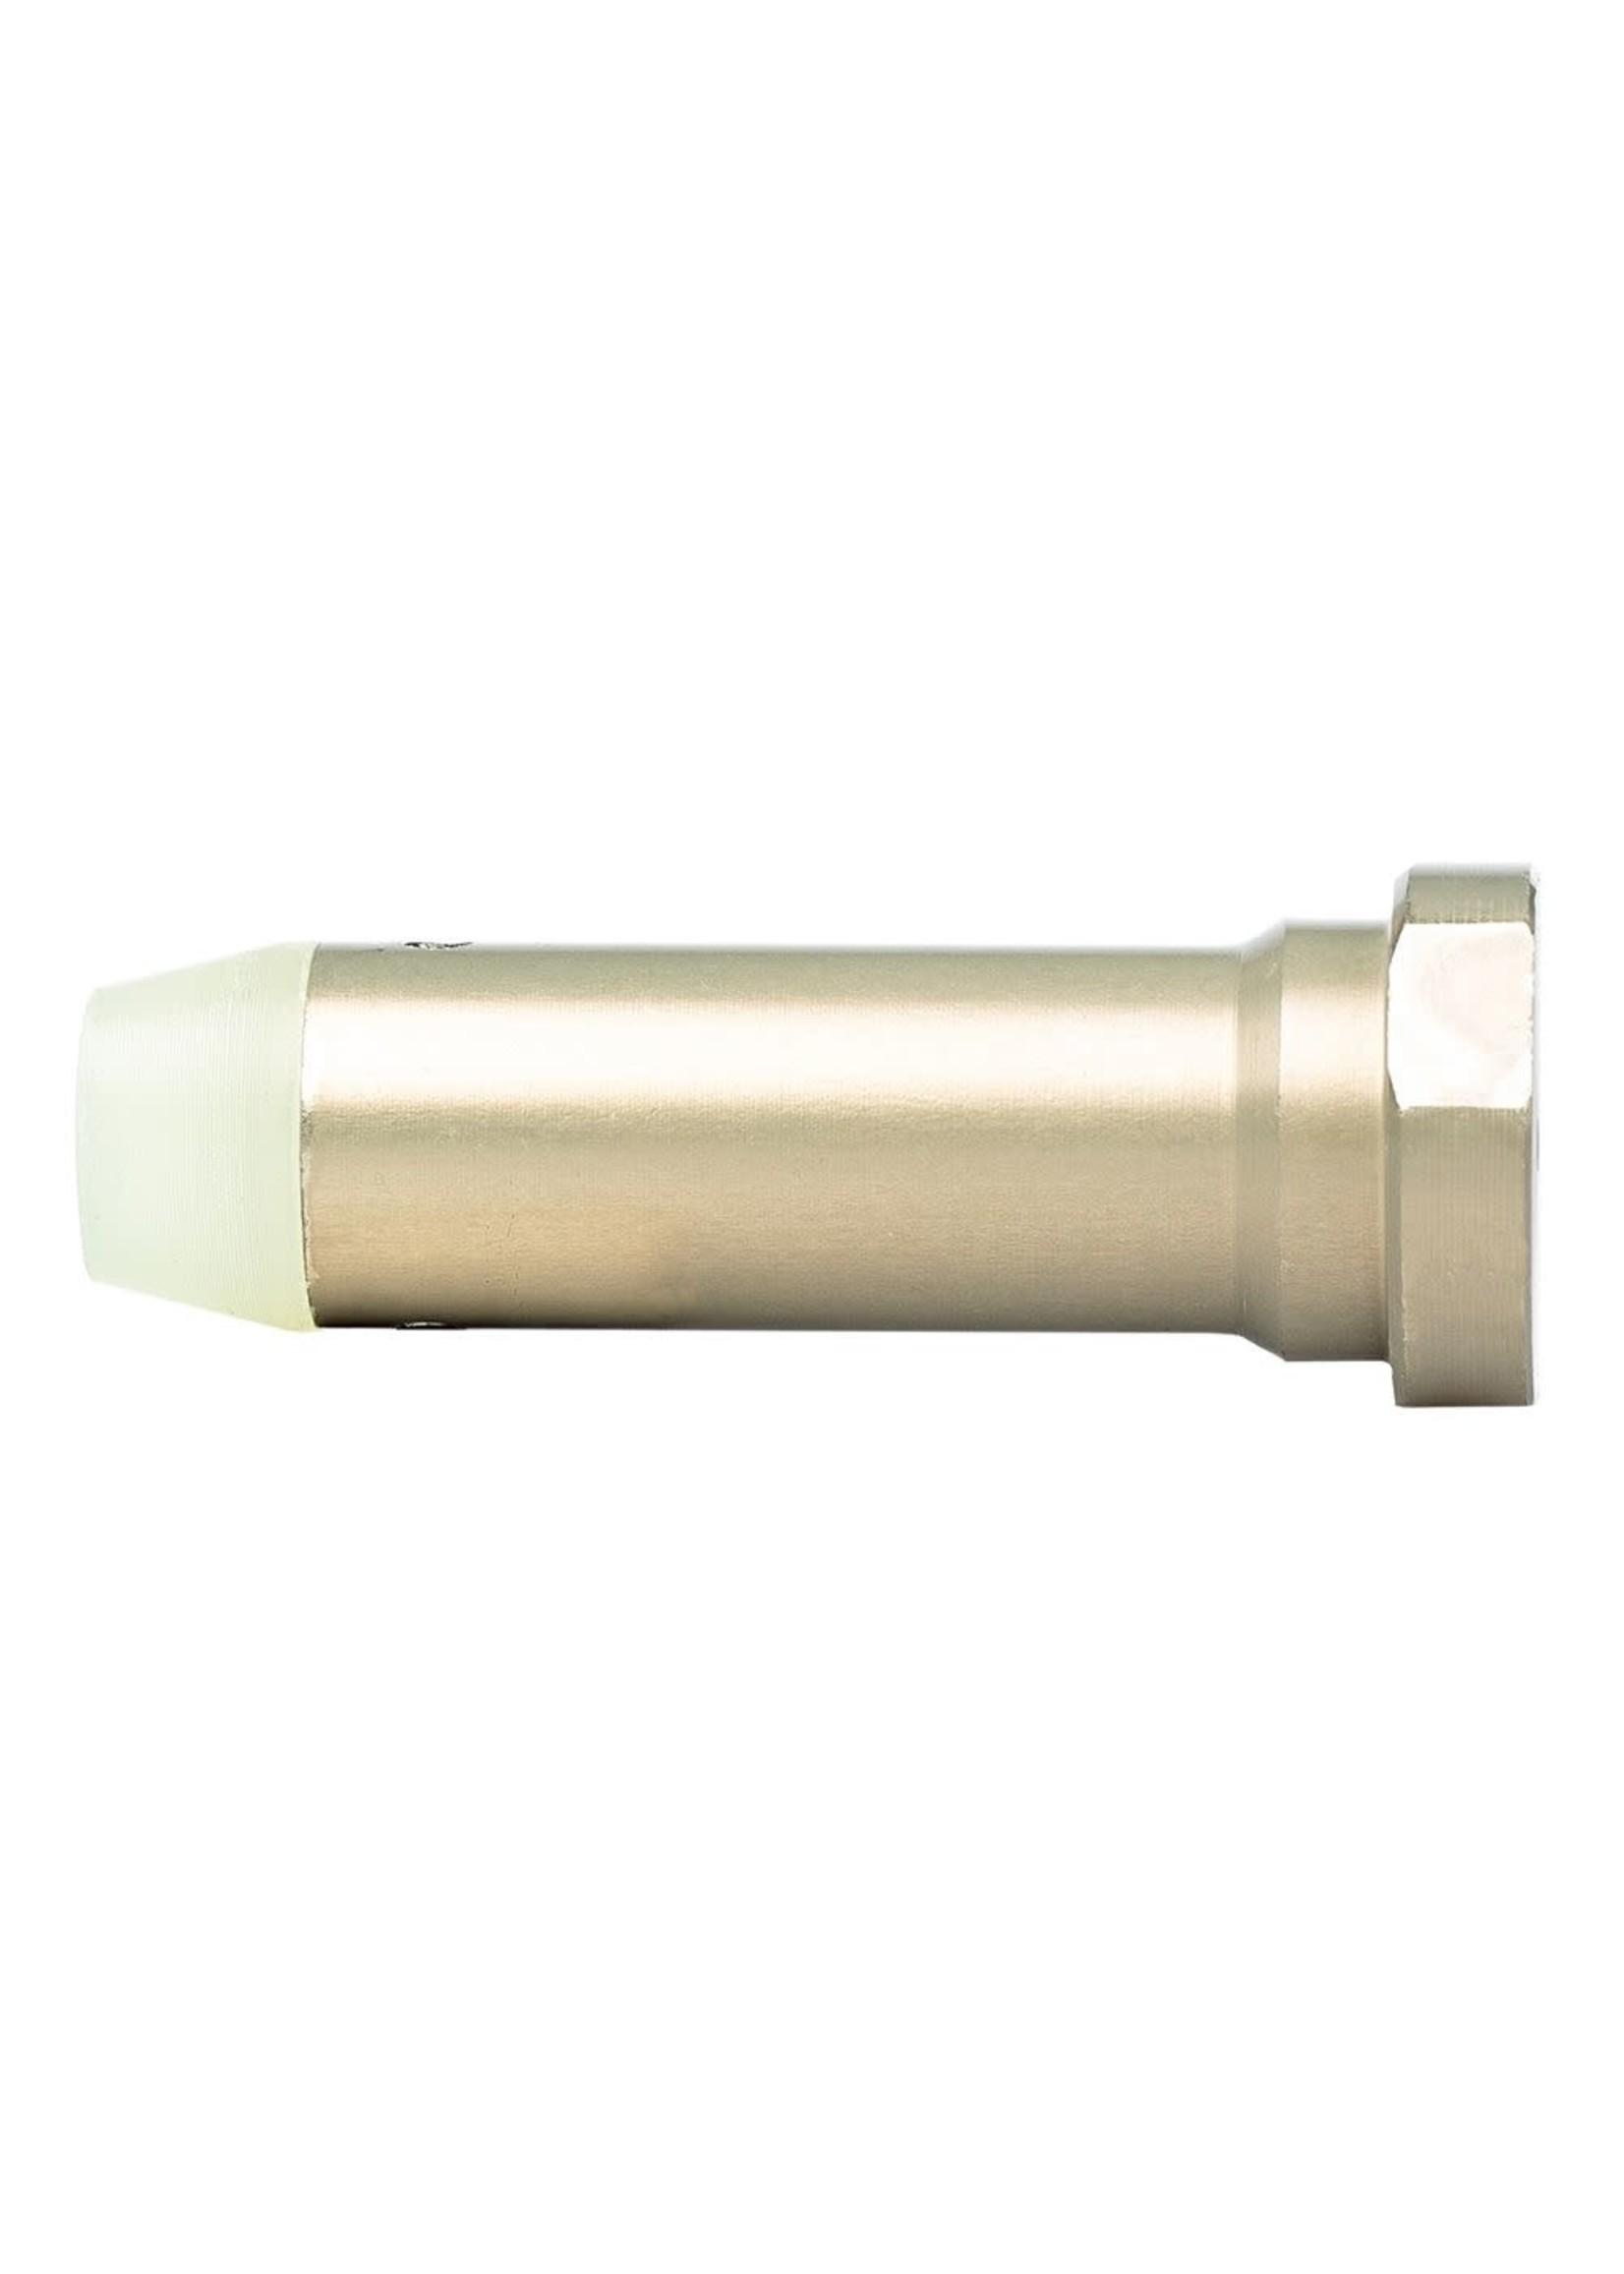 Aero Precision Aero Precision M5 308 Carbine Buffer